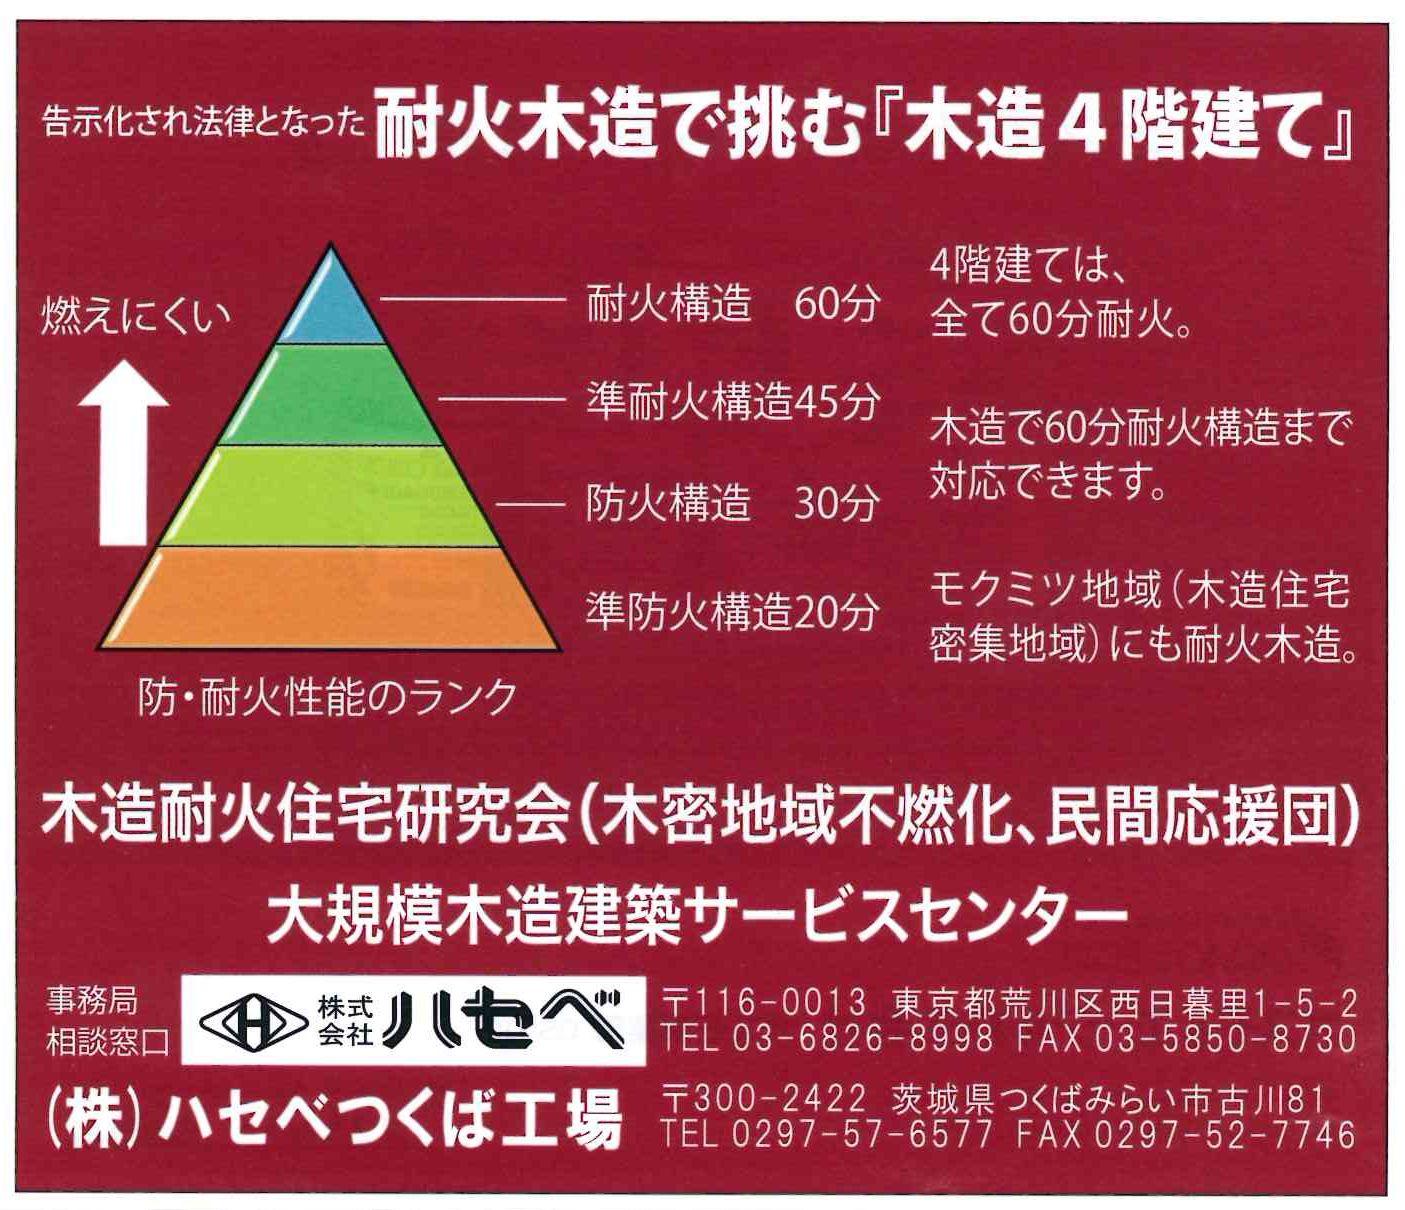 20150730日刊木材新聞-ハセベ広告